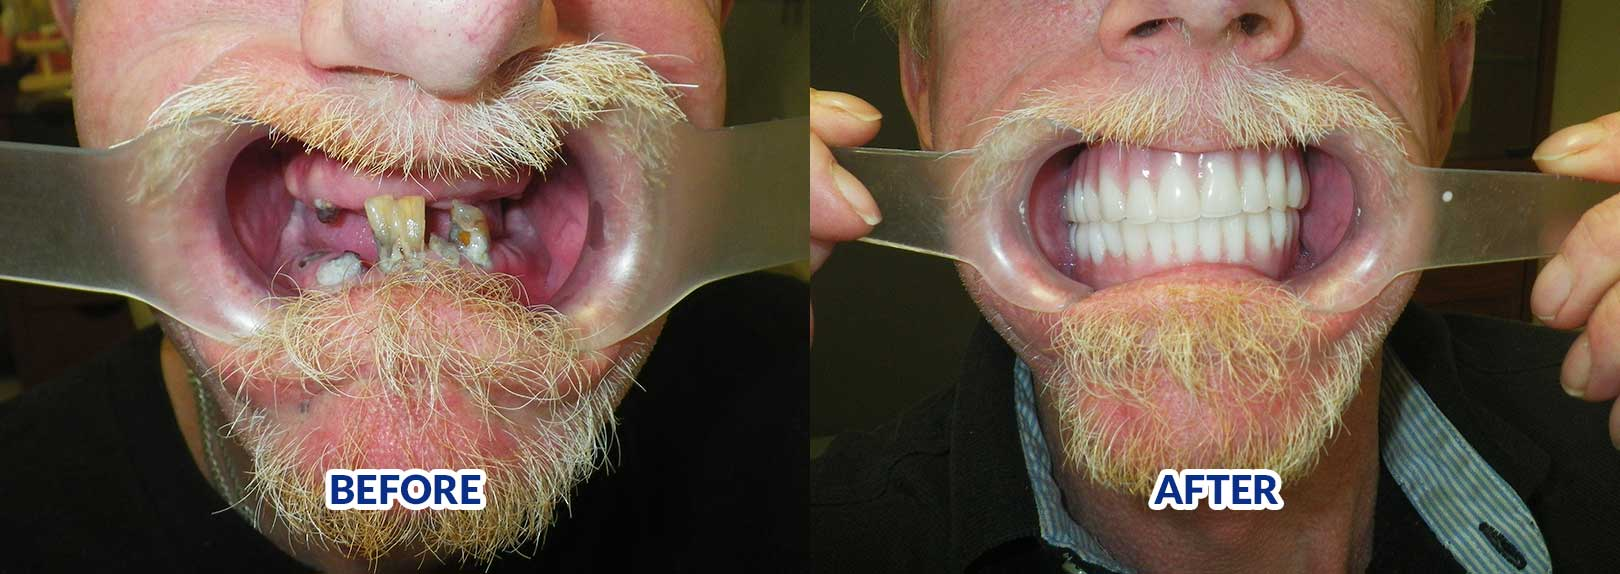 Snap In Dentures